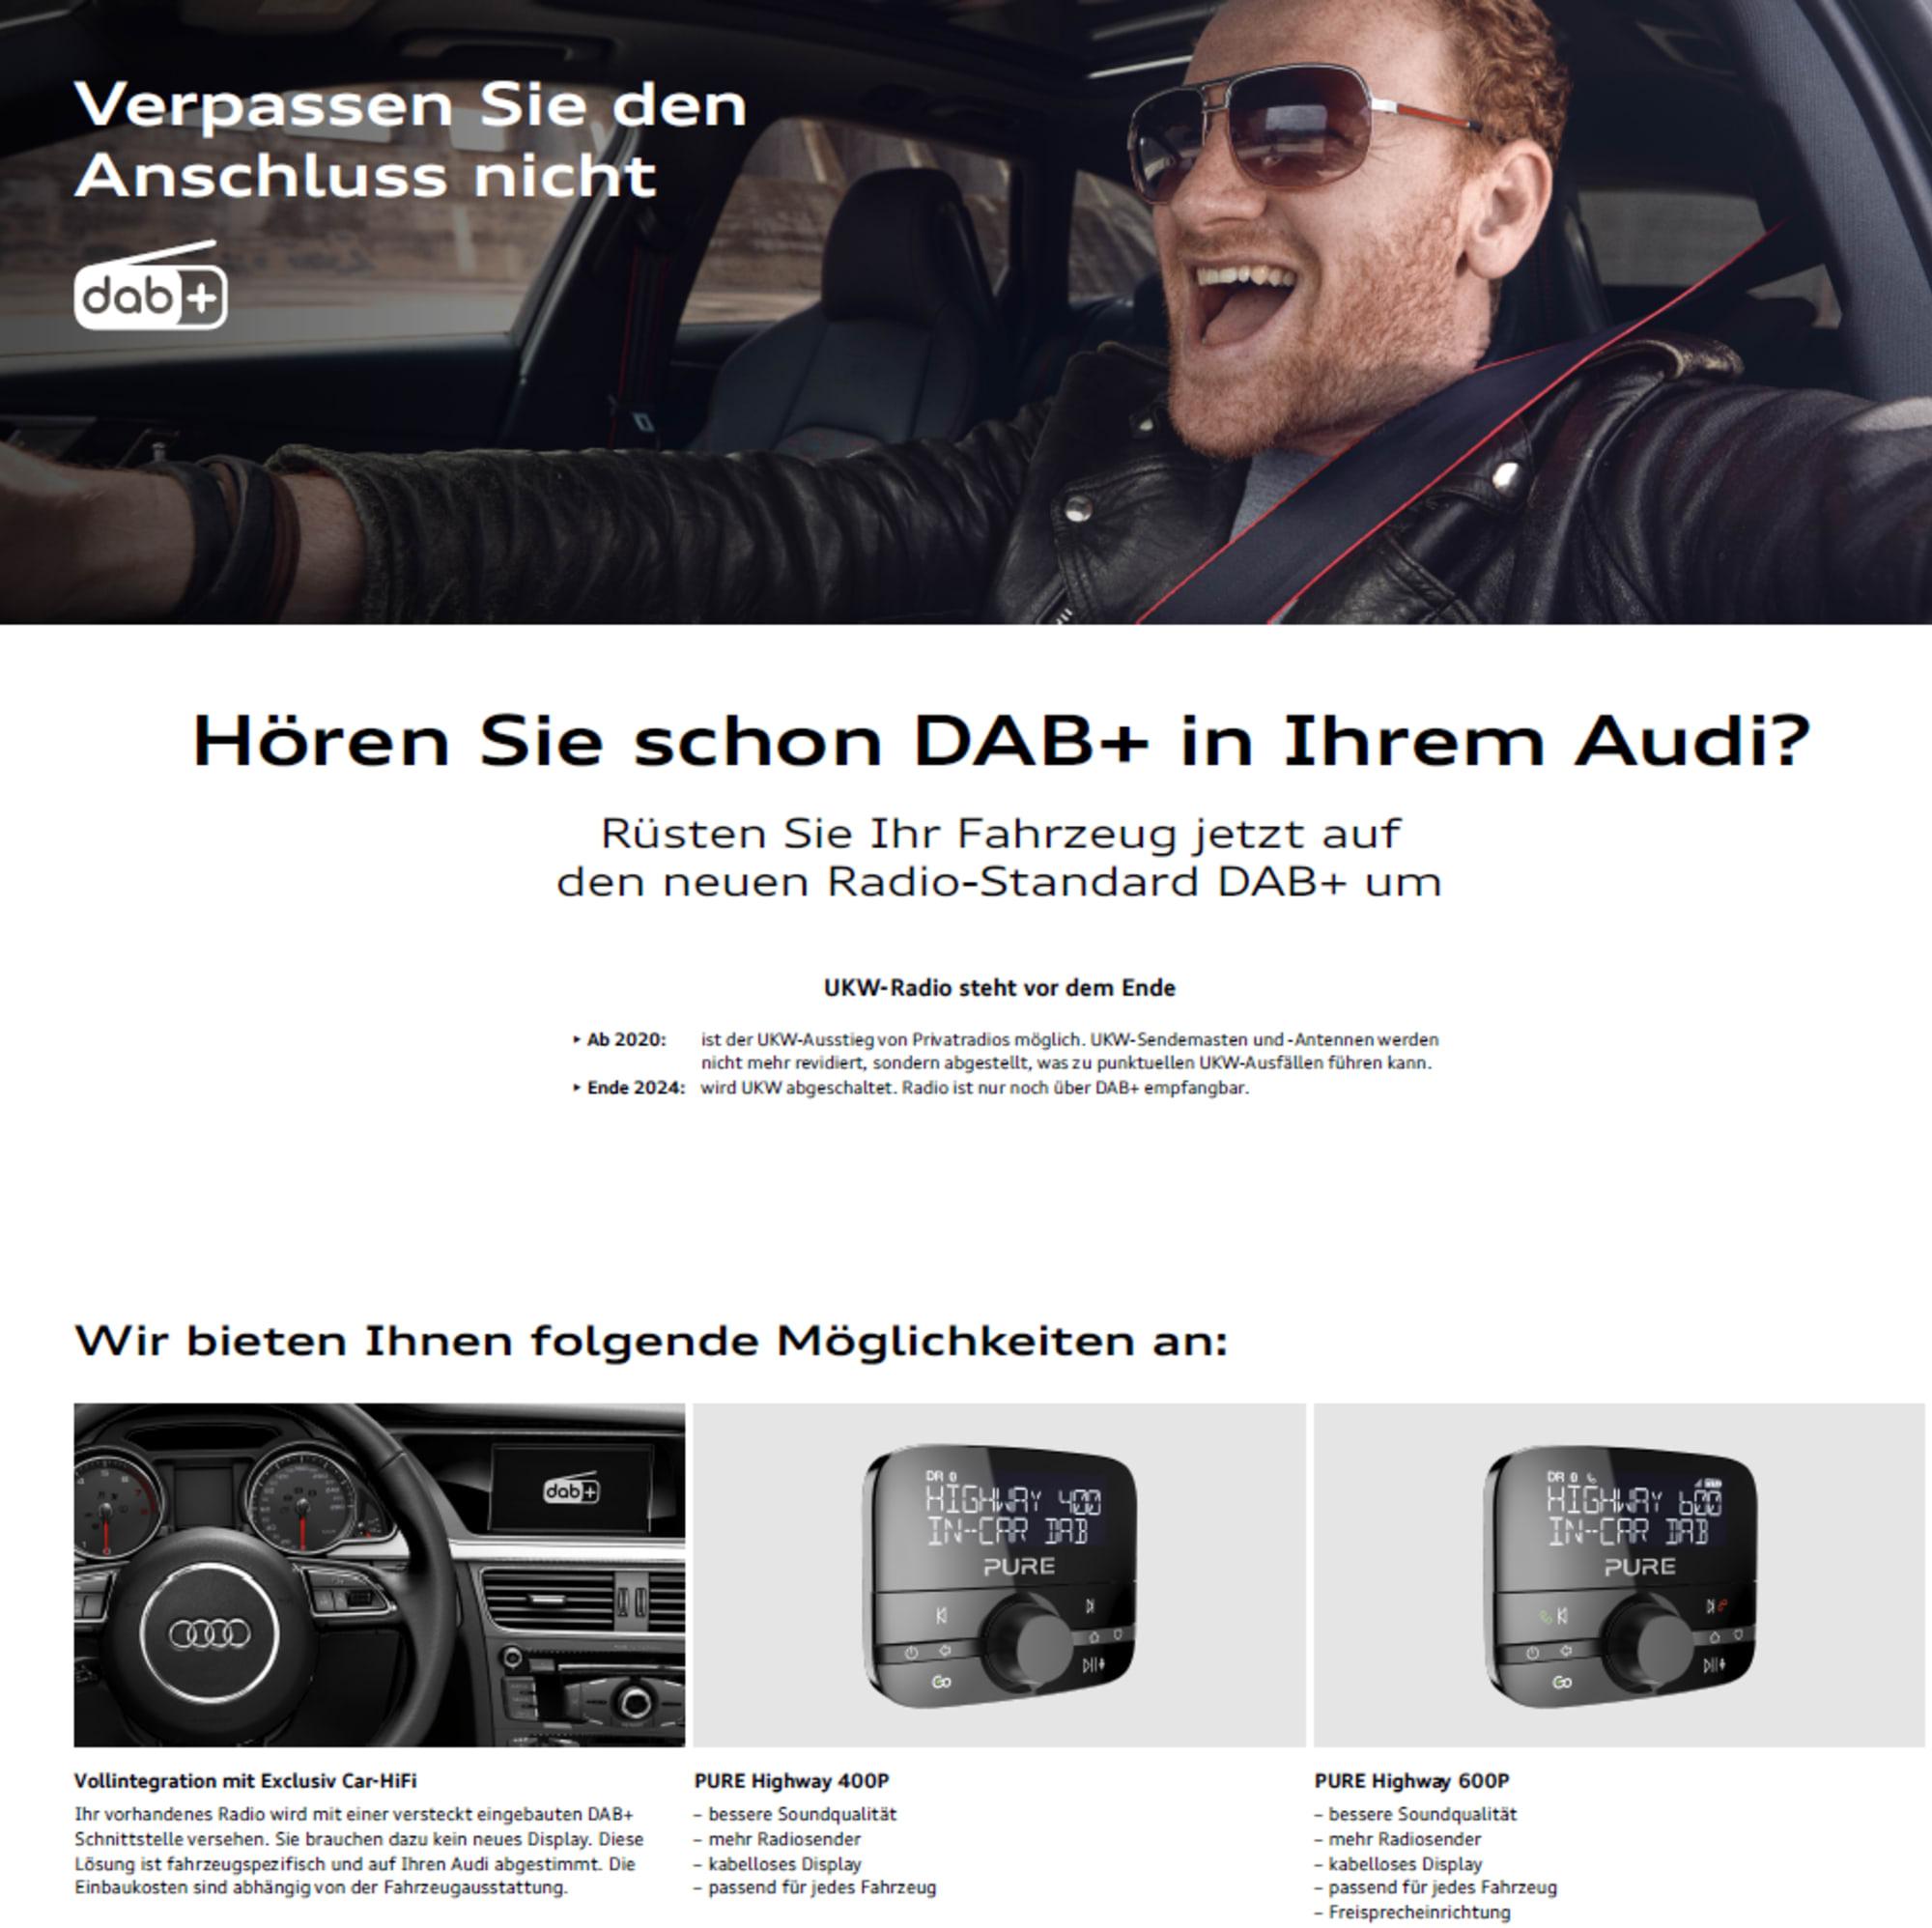 Audi DAB+ neu